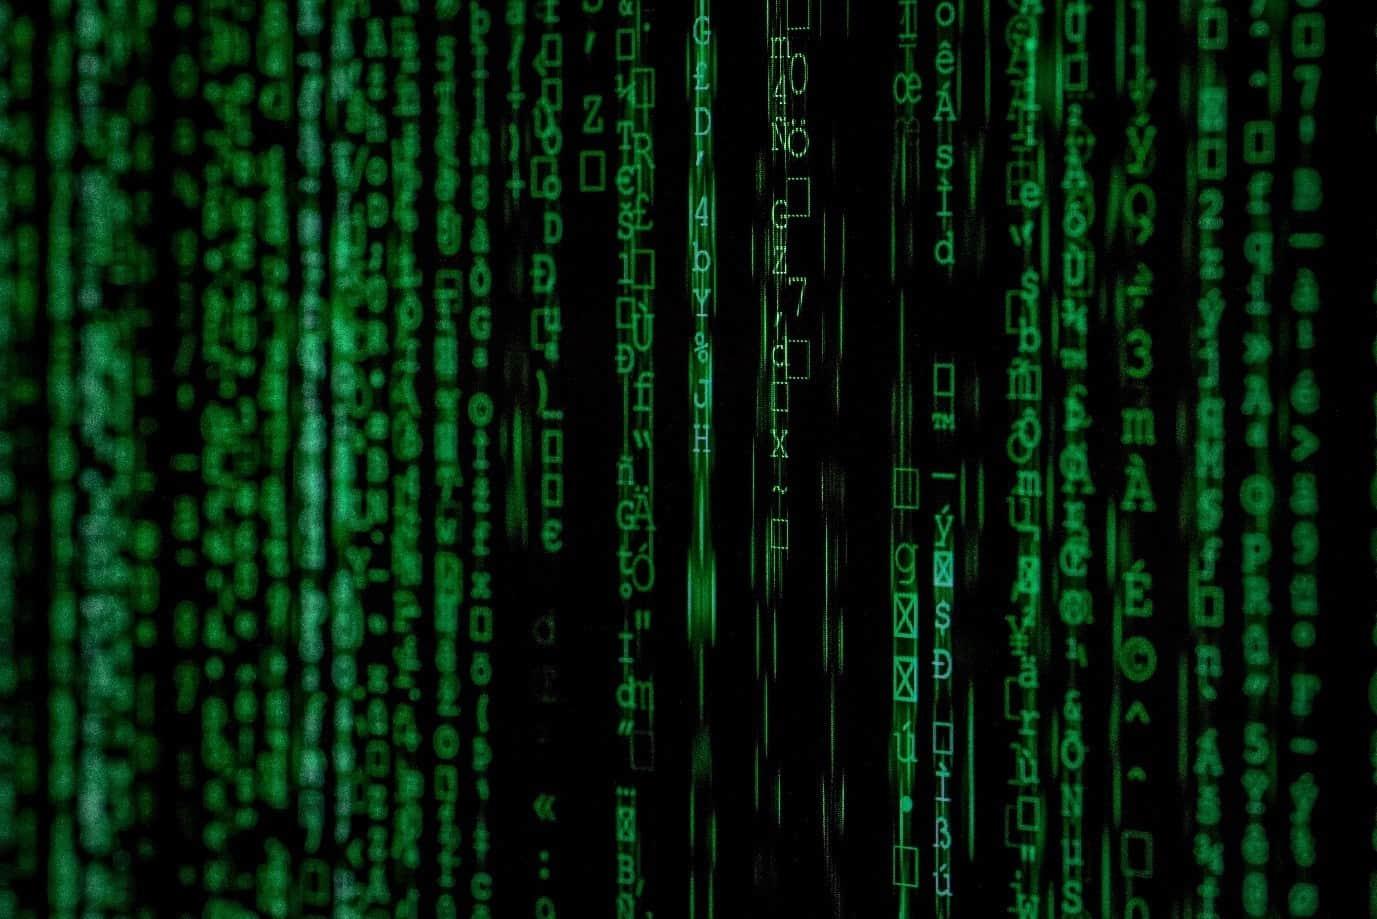 التعلم الآلي في الأمن السيبراني